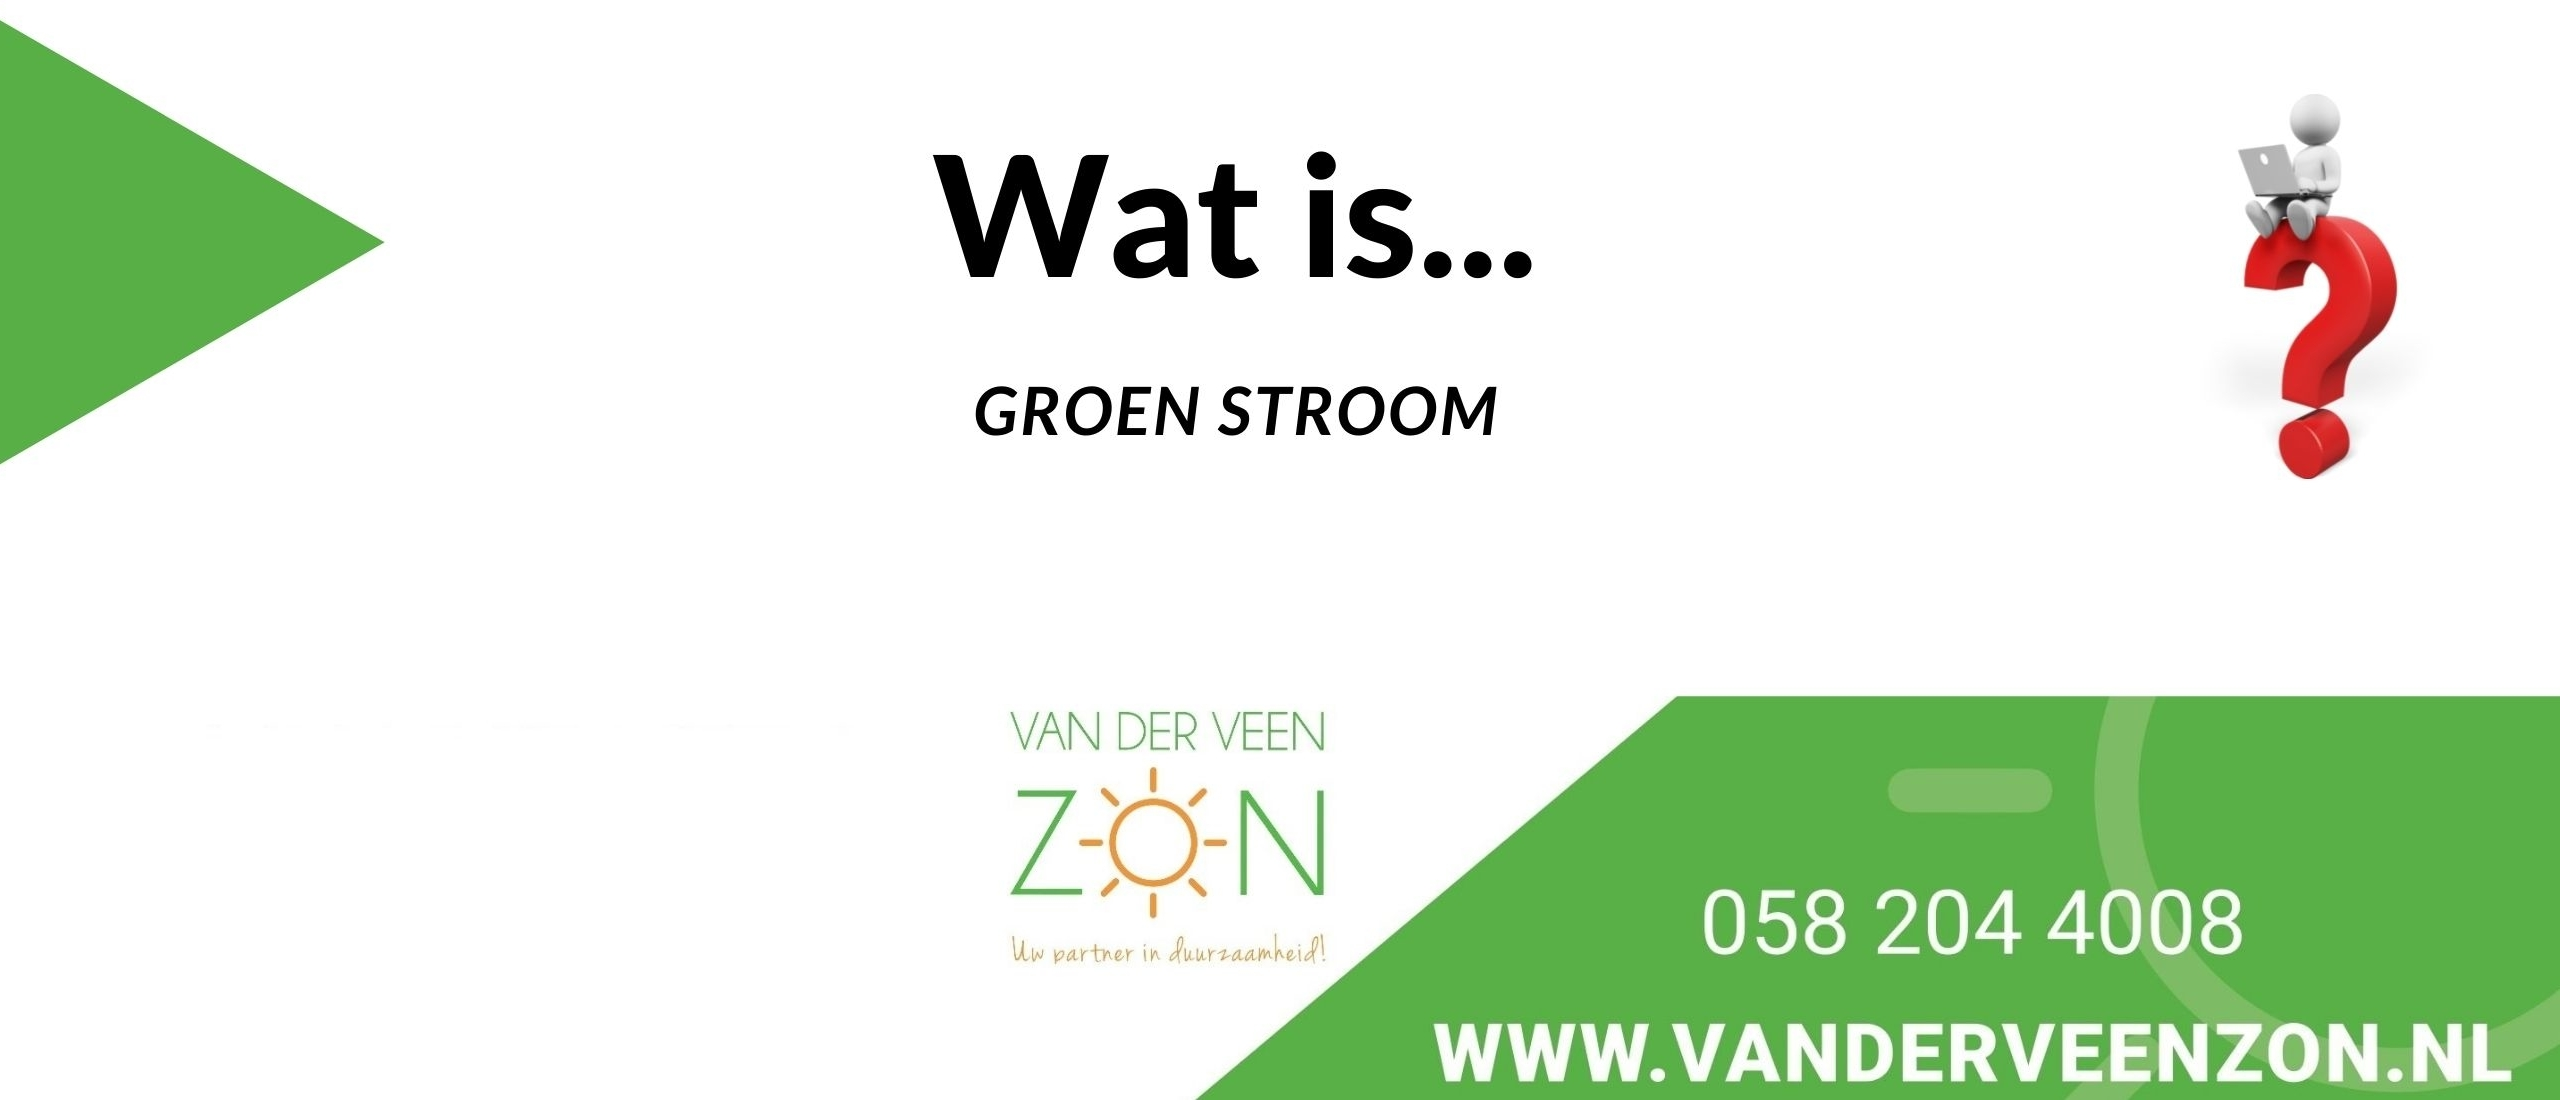 wat is groene stroom eigenlijk?